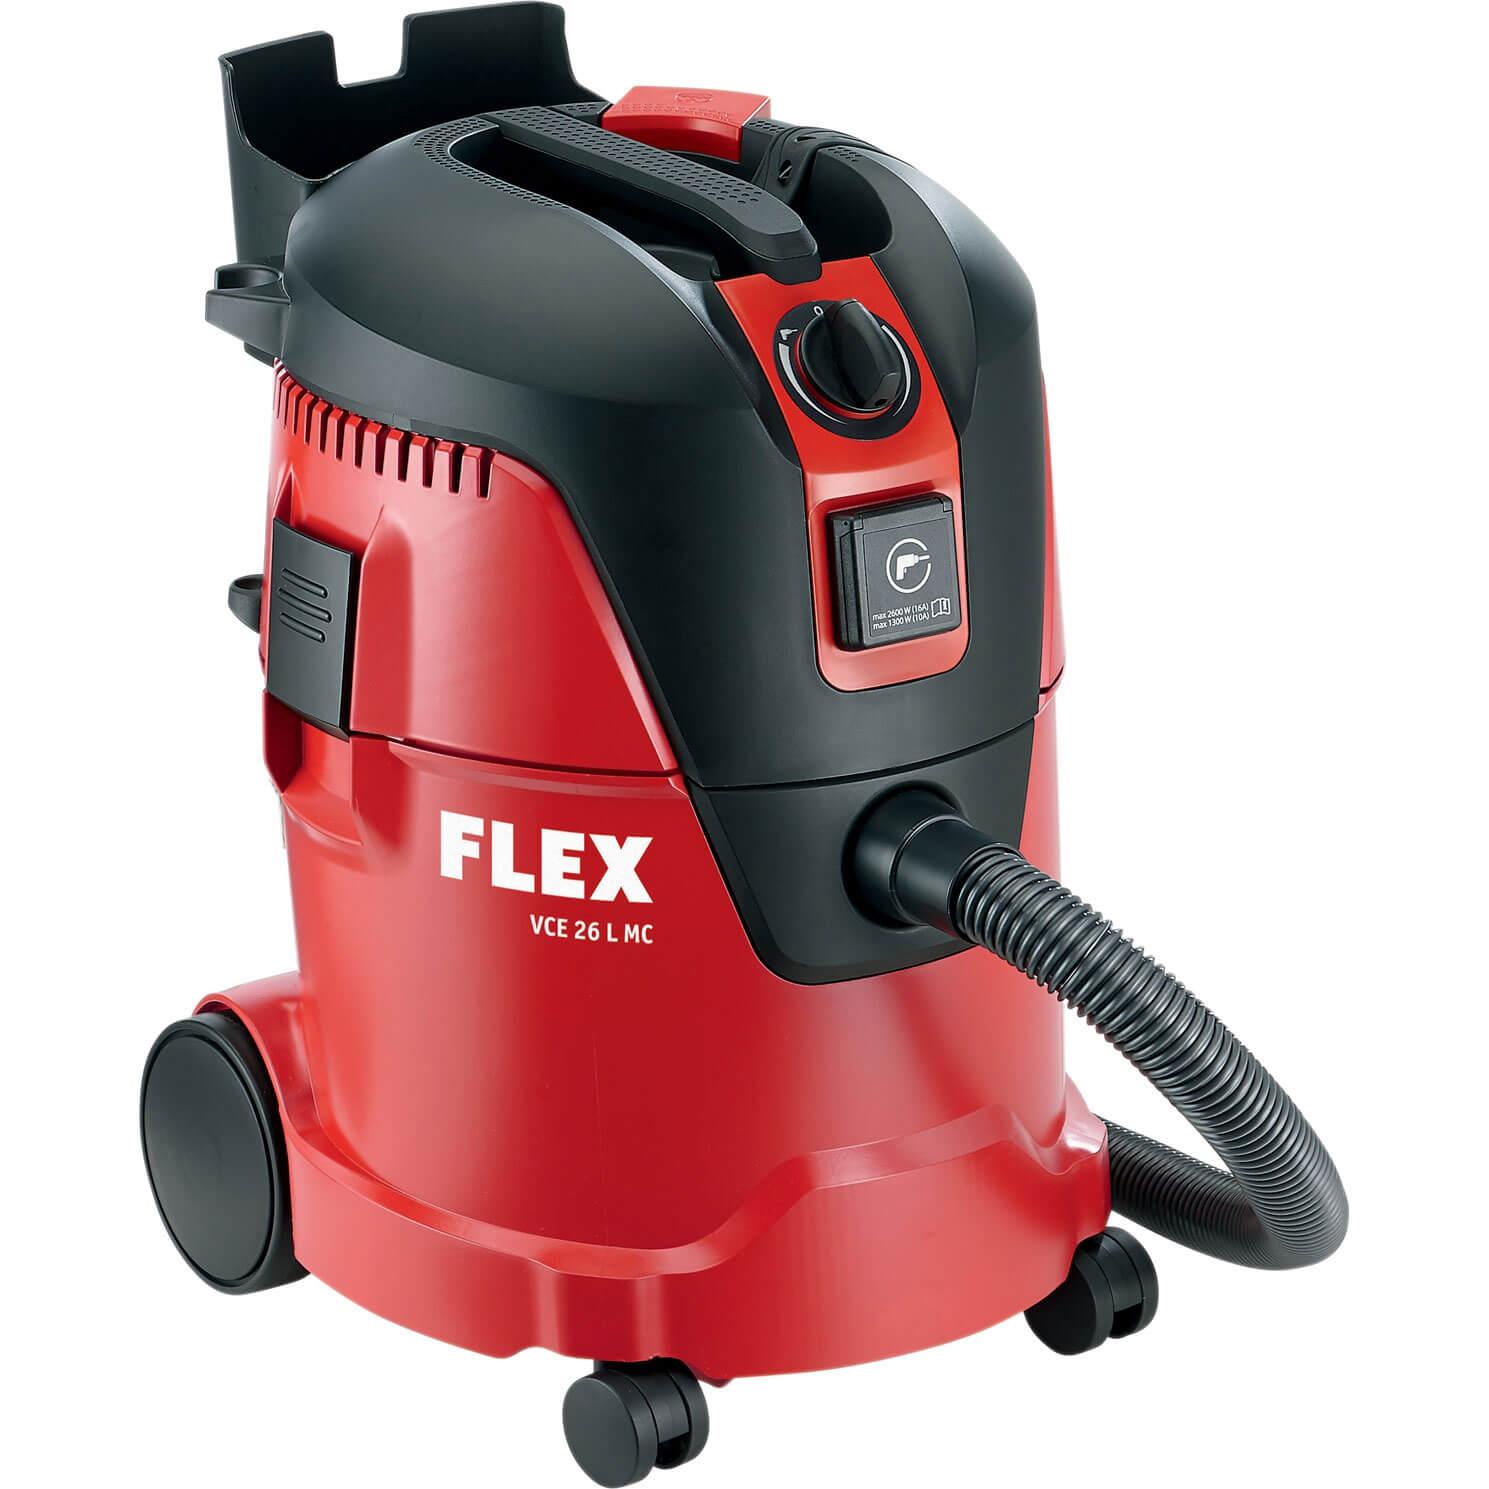 Image of Flex VCE 26 L MC Insutrial Wet & Dry Vacuum Cleaner 1250w 240v